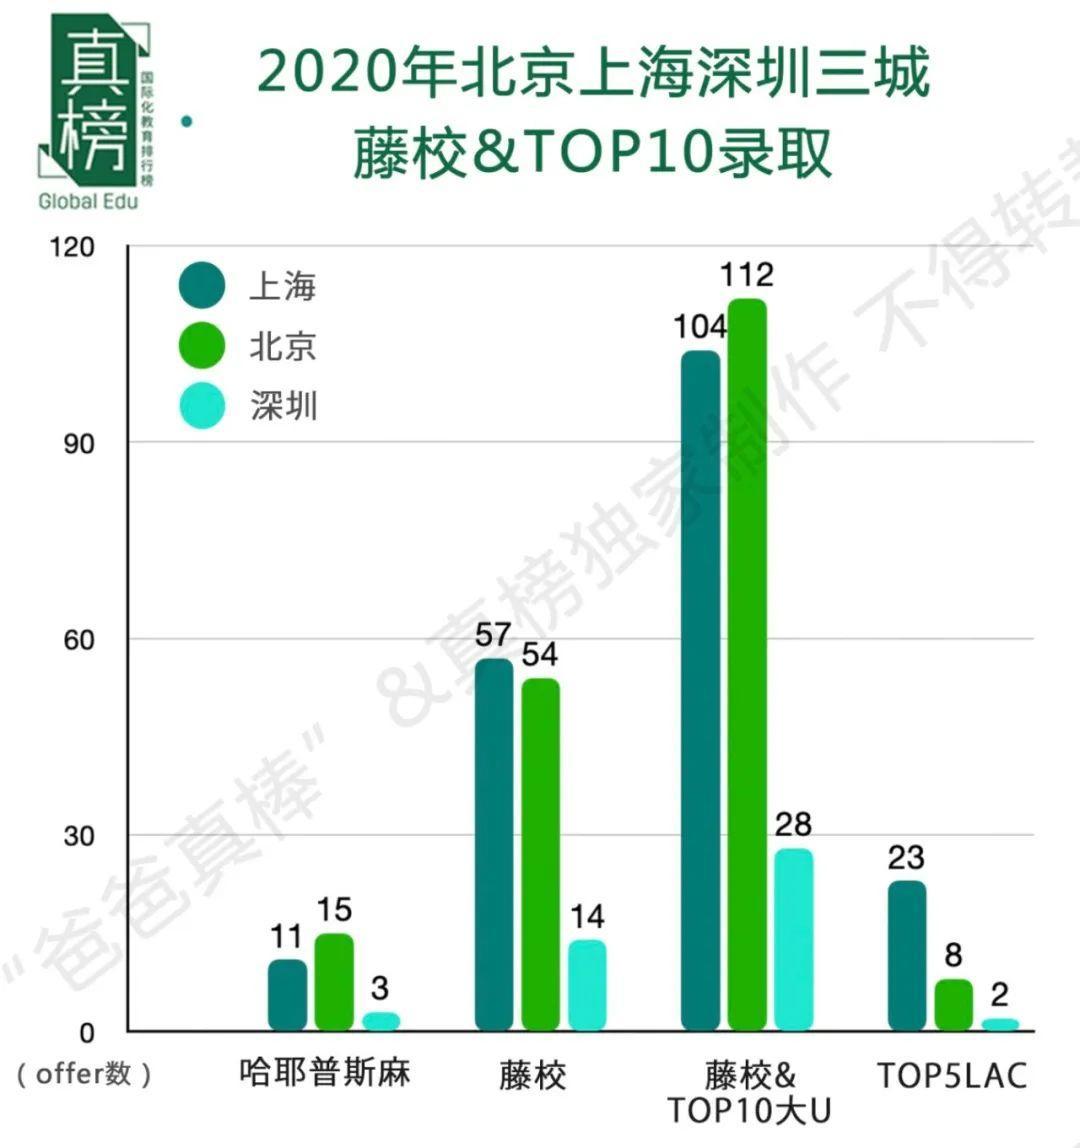 藤校录取变少,学费均值最高!深圳会是国际化教育第三城吗?